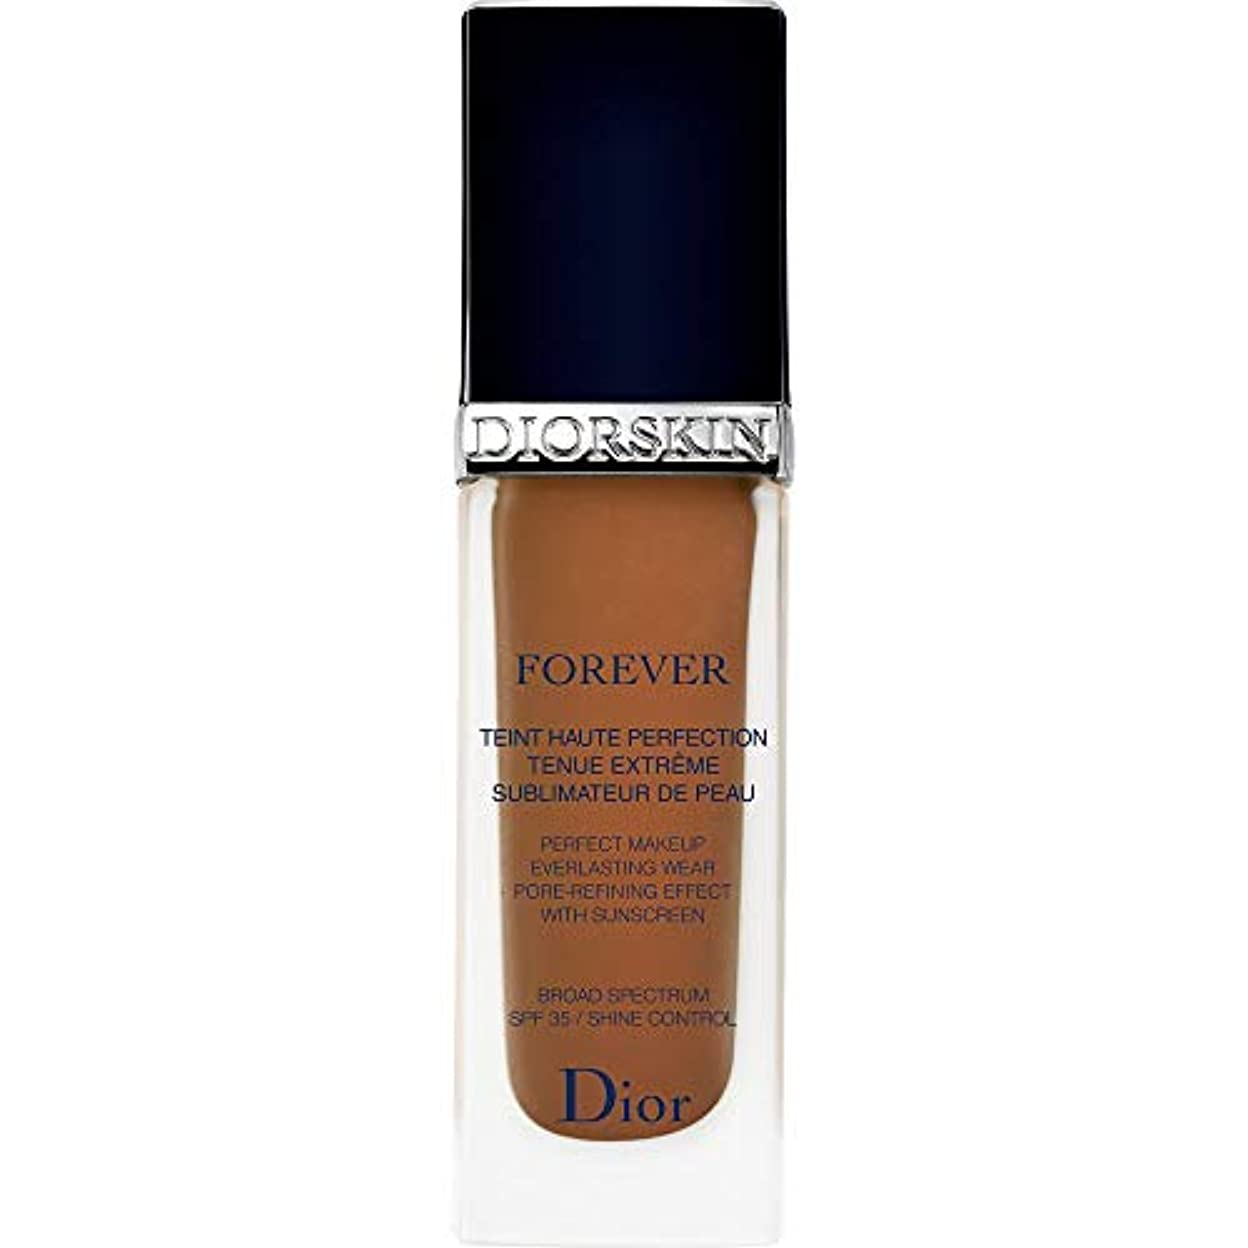 論文スコアシャッフル[Dior ] ディオールディオールスキン永遠基礎Spf35 30ミリリットル070 - ダークブラウン - DIOR Diorskin Forever Foundation SPF35 30ml 070 - Dark...